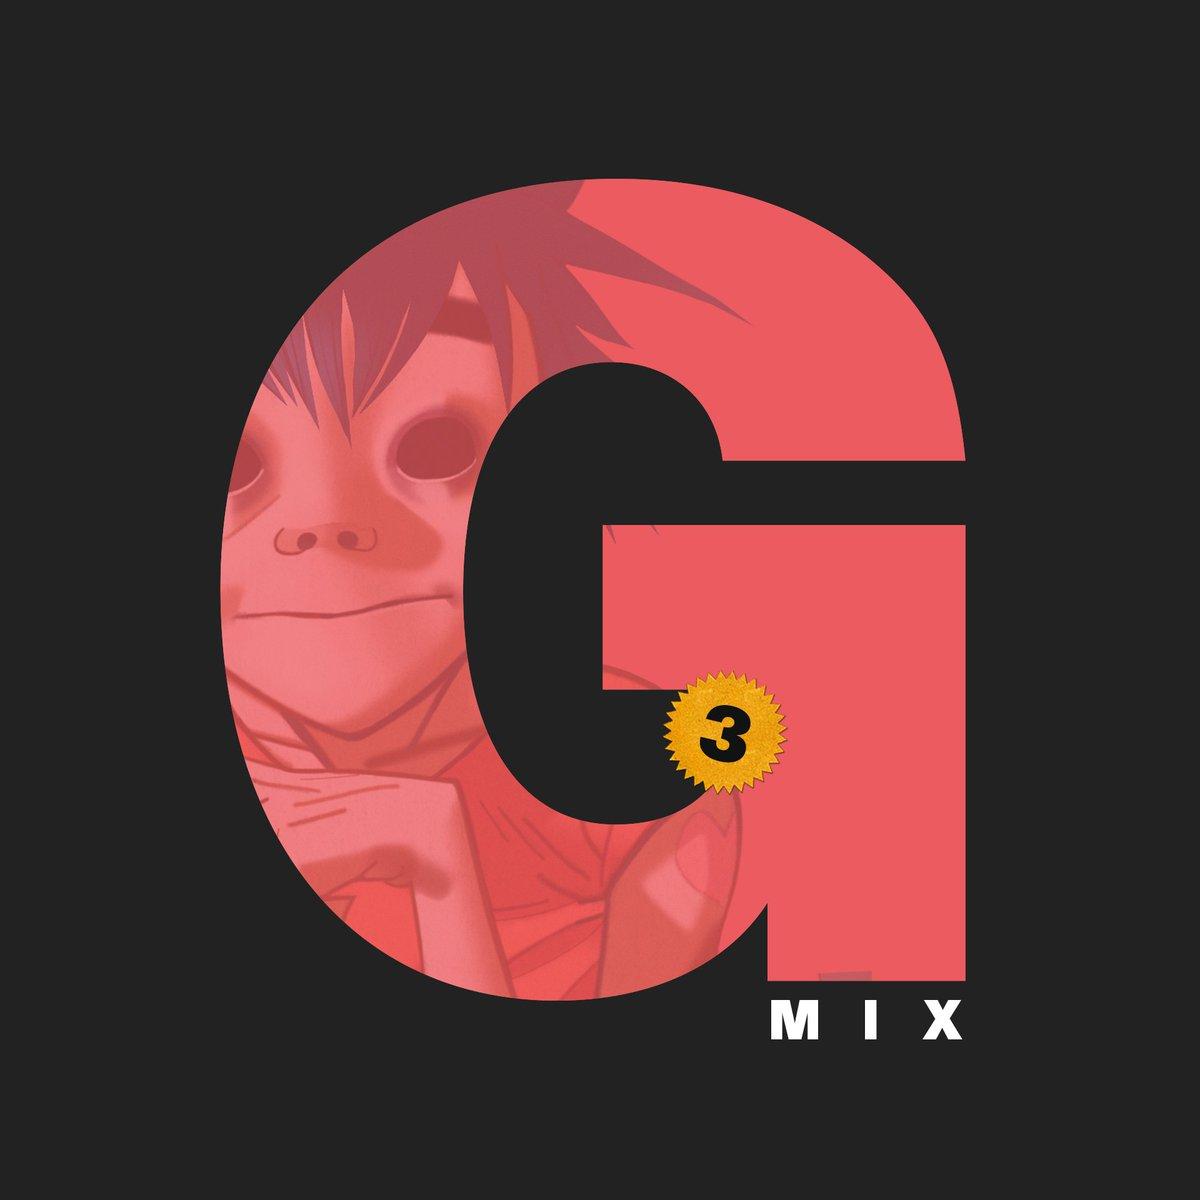 G-Mix: 2D 3